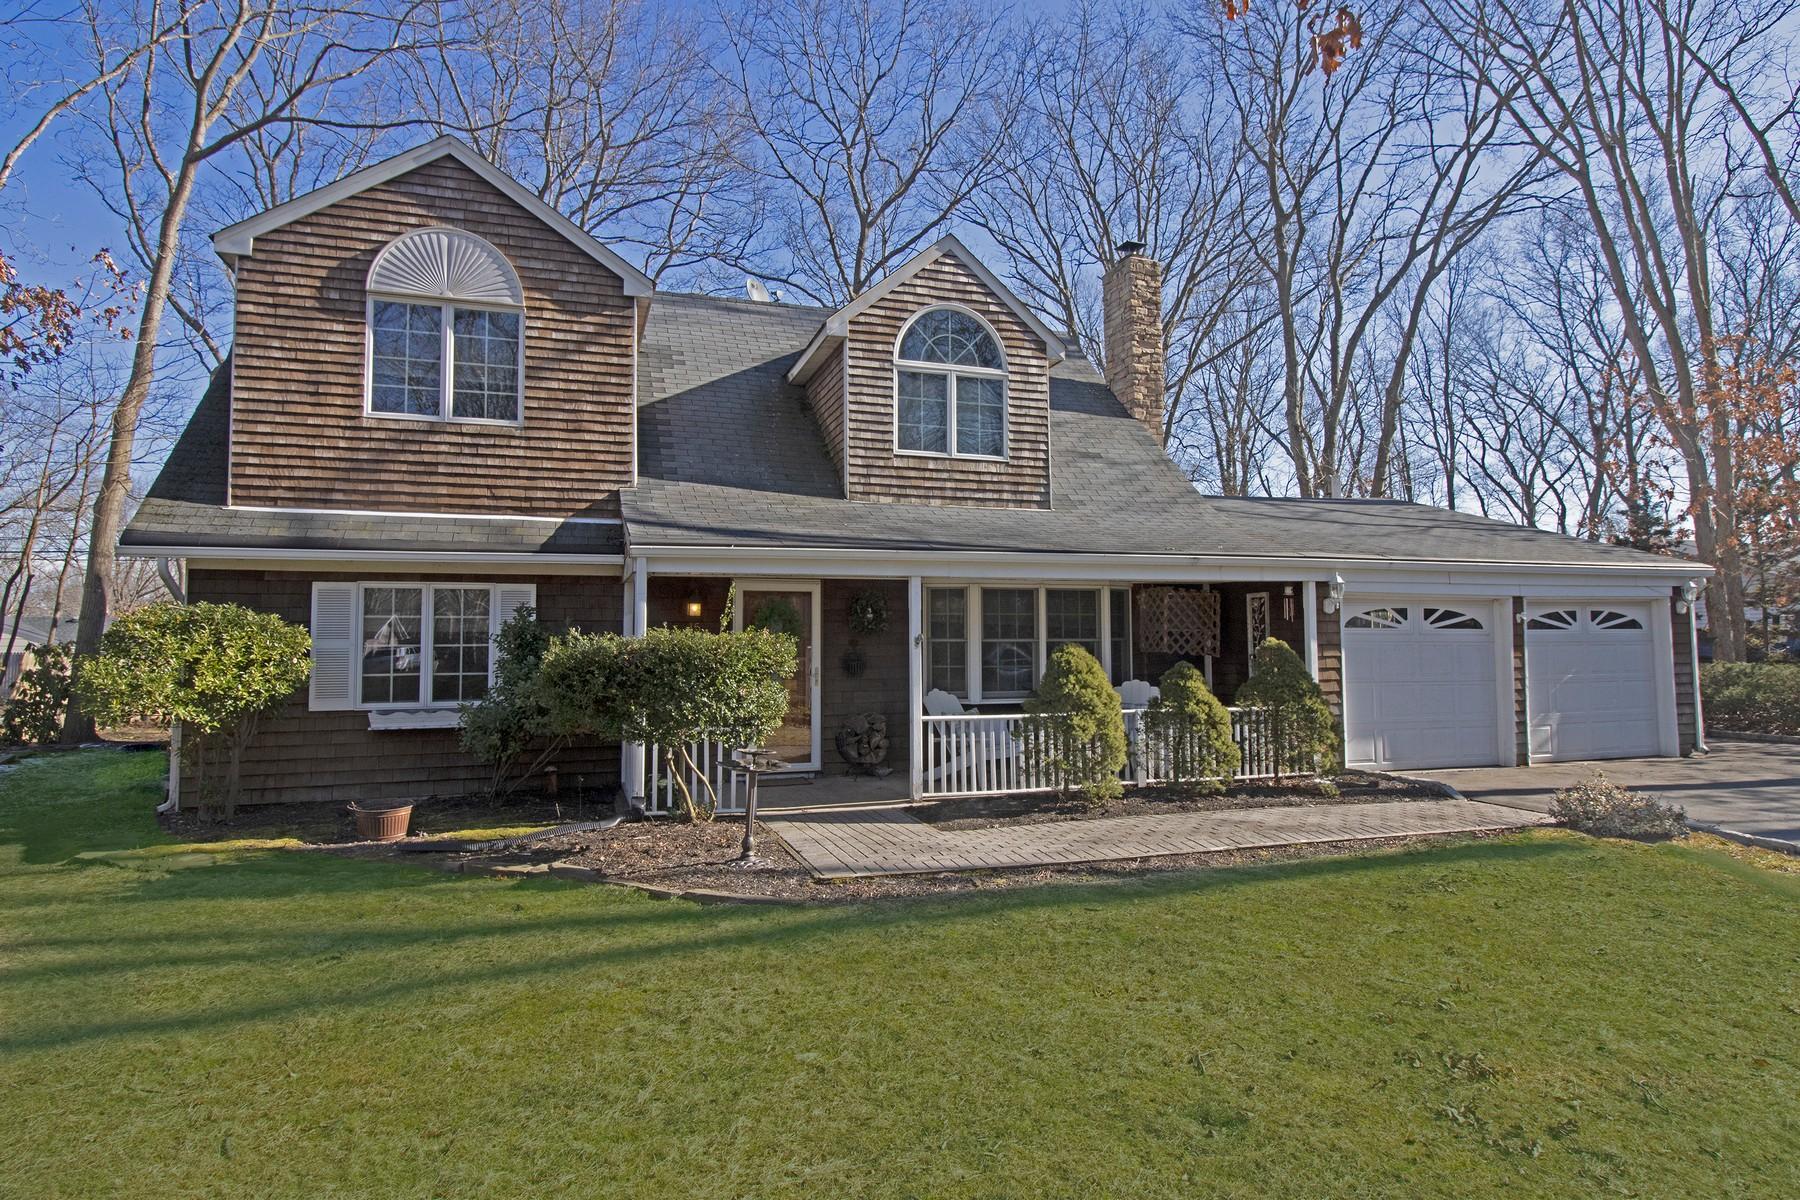 Single Family Homes for Active at Stony Brook 15 Seward Ln Stony Brook, New York 11790 United States